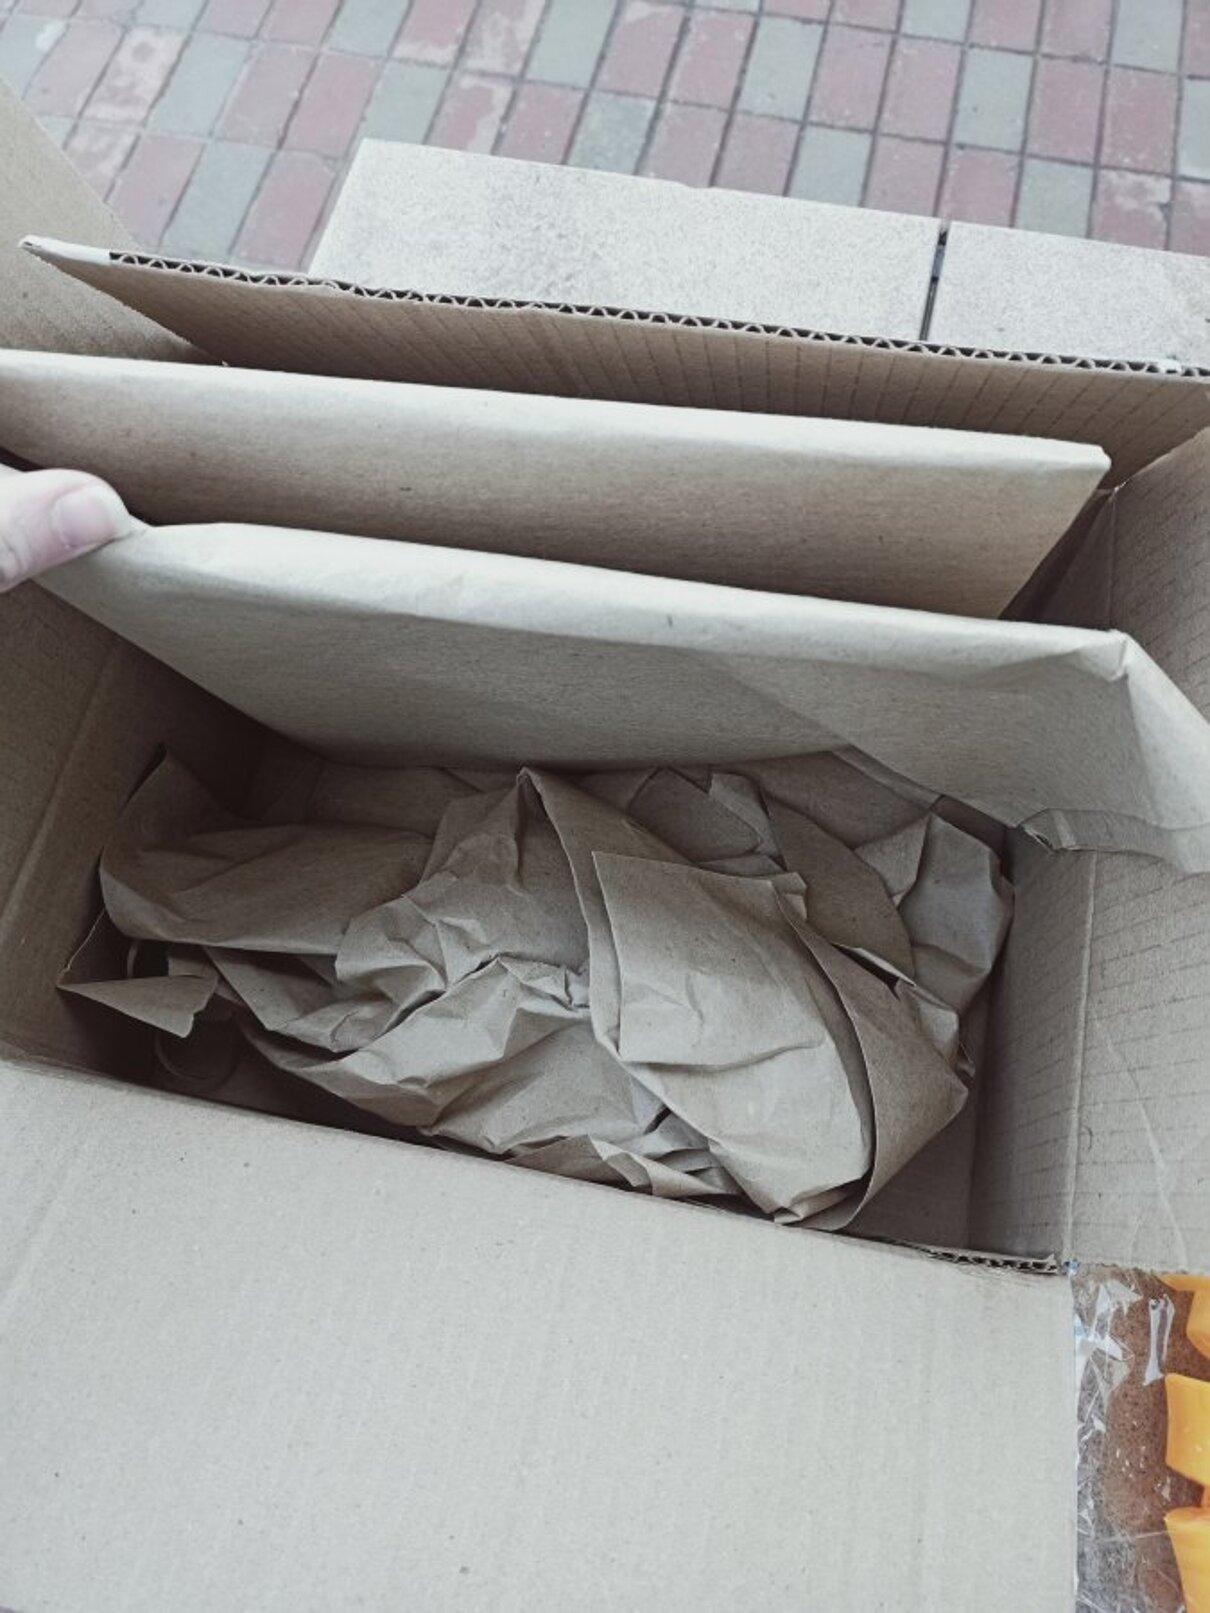 Жалоба-отзыв: ООО Верона (Amazon tablet), ЕСПП 026352 - Приехала пустая посылка.  Фото №1